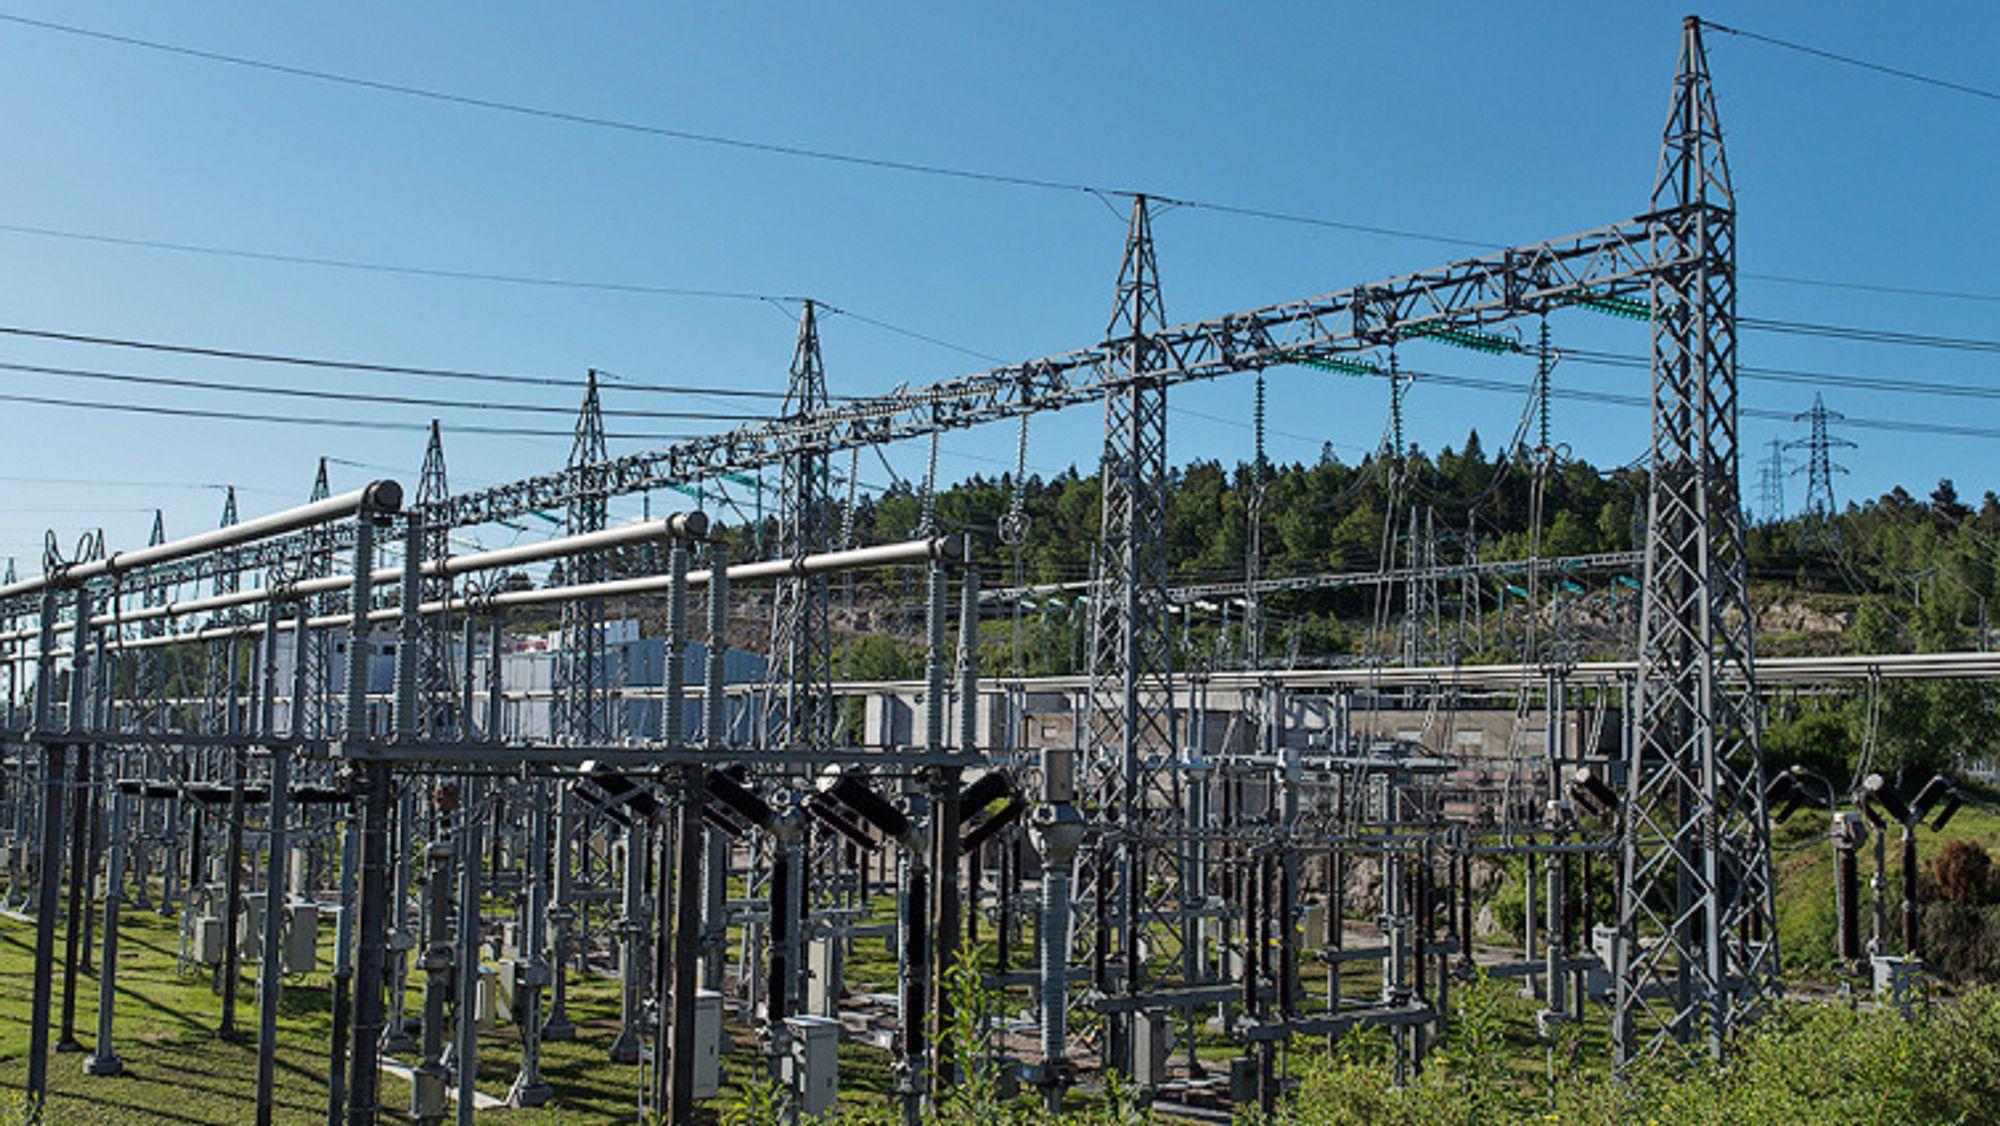 Energi Norge frykter nedgang i investeringer i landstrøm, hydrogen, ladeinfrastruktur og pilotprosjekter innen kraftnett på grunn av koronakrisa. Bildet er fra Kristiansand transformatorstasjon på Støleheia er hvor Skagerrak-kablene er koplet til det norske kraftnettet.